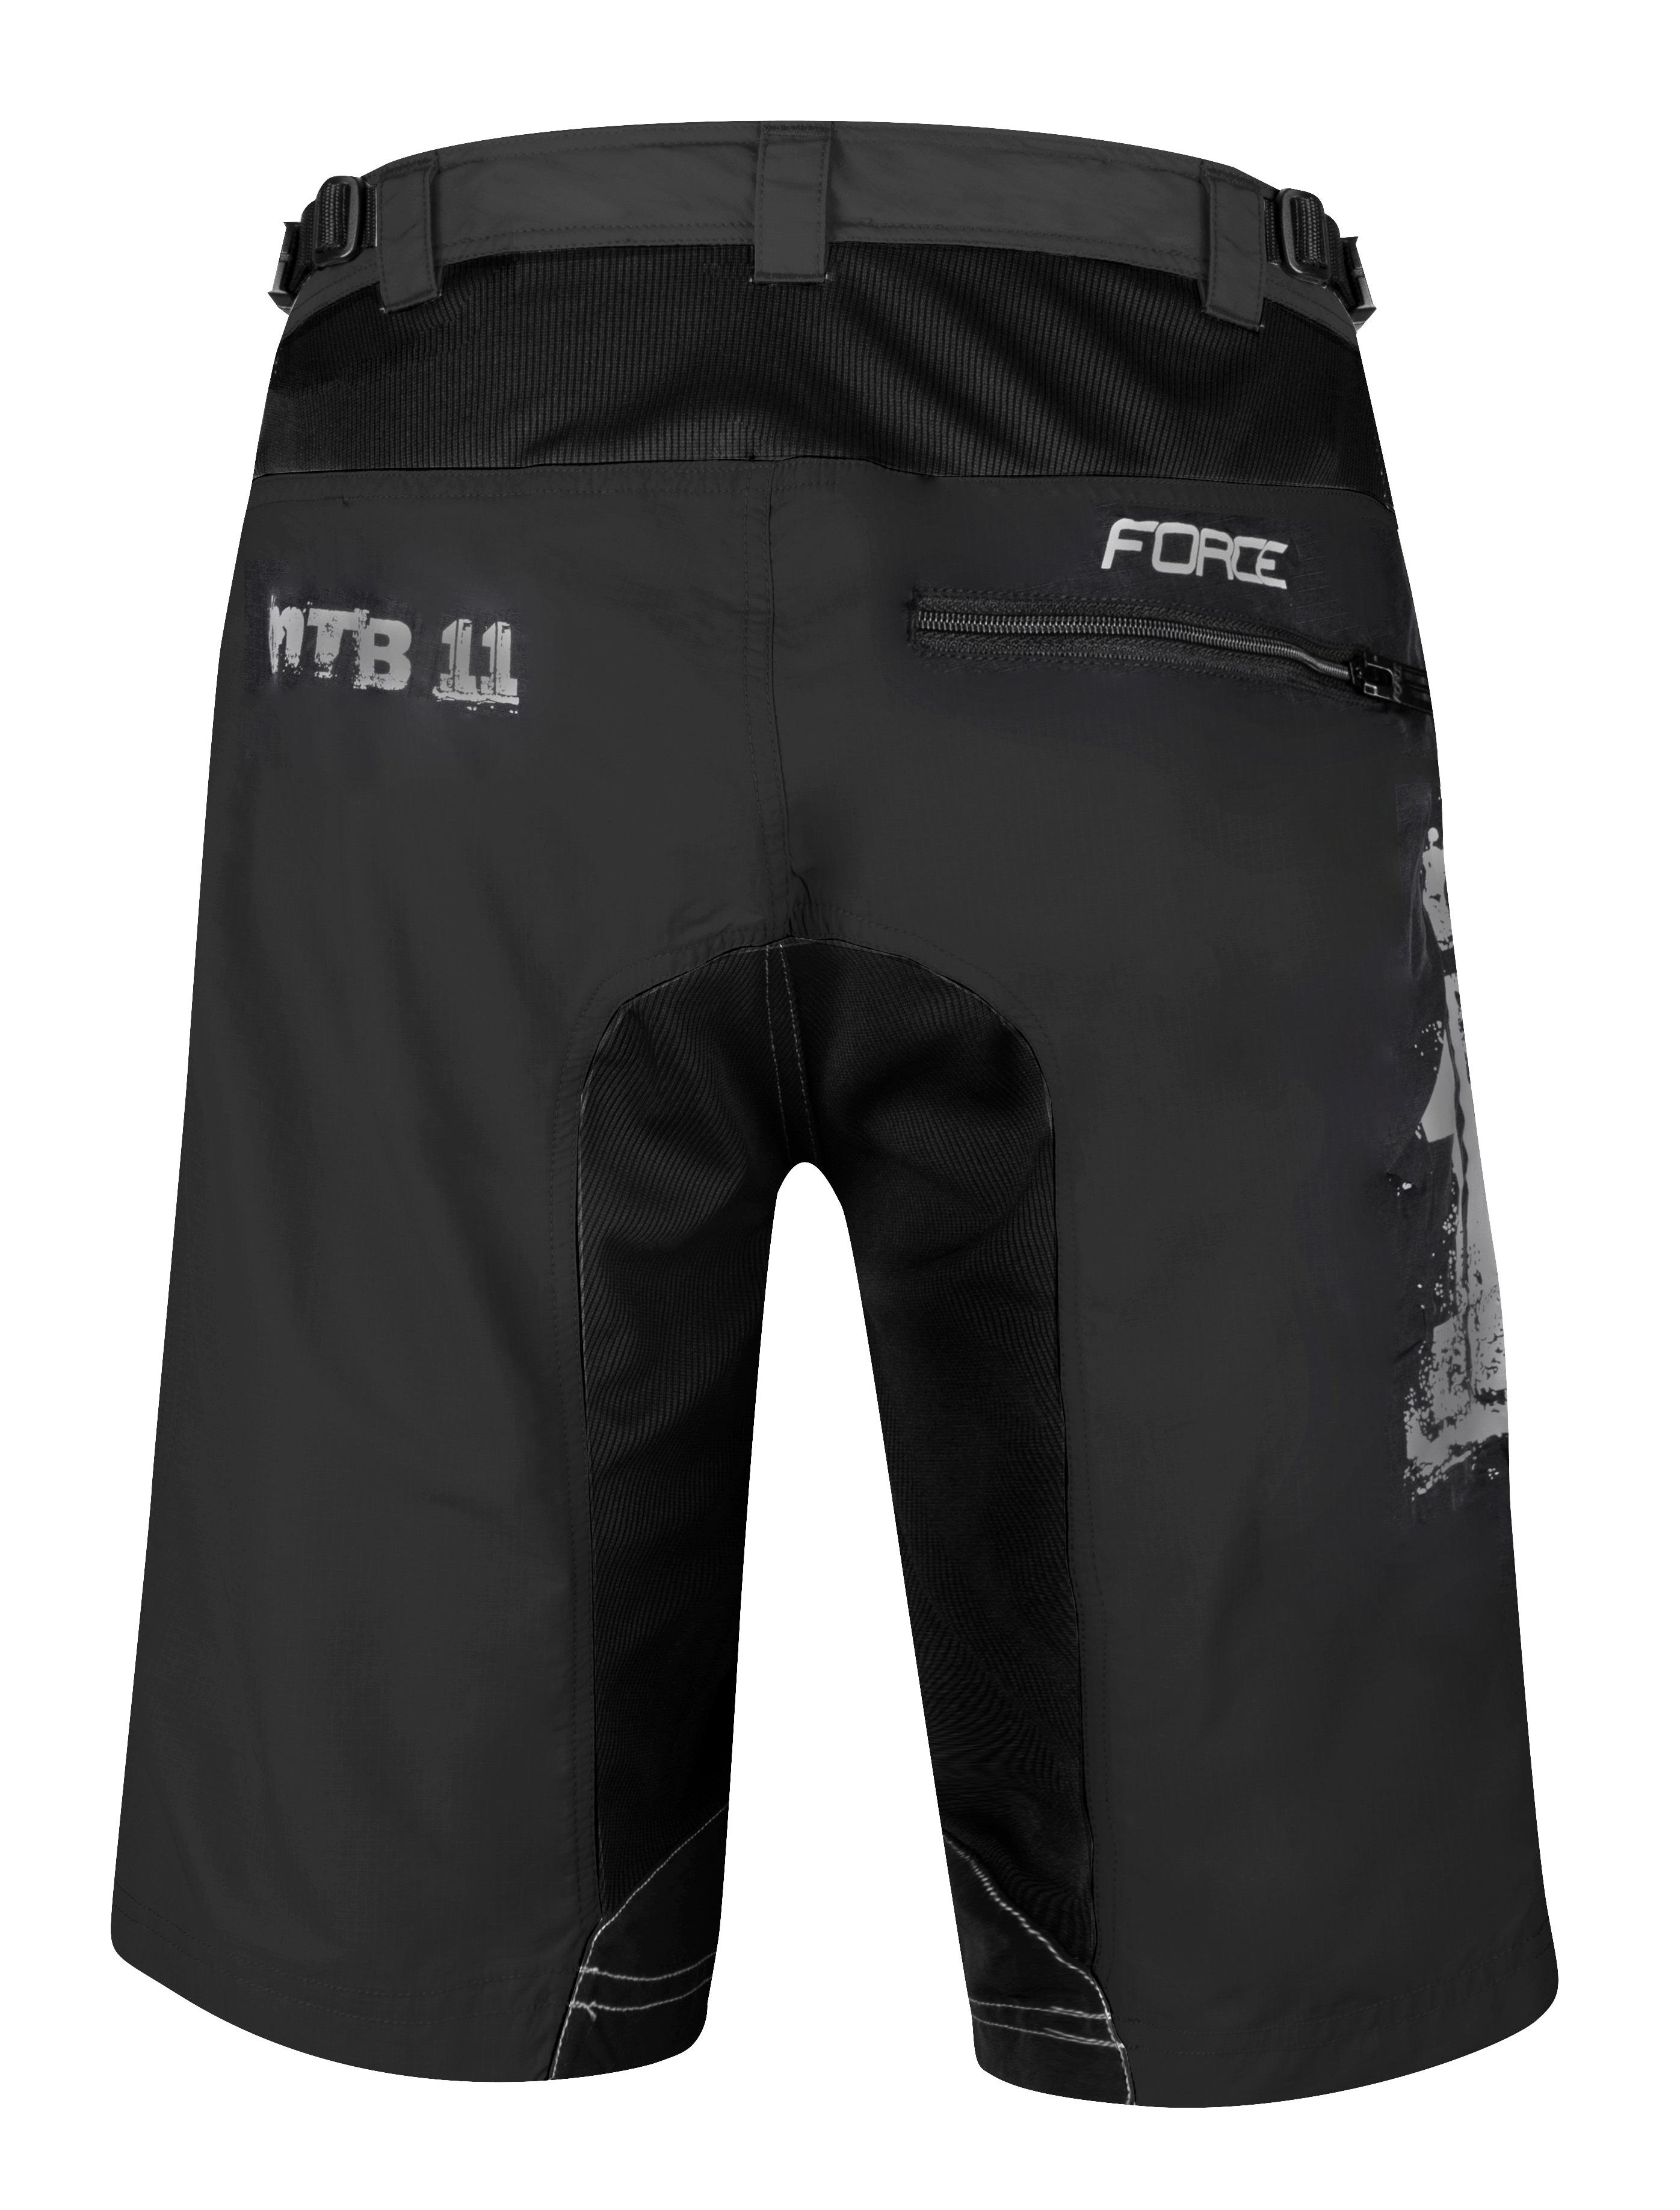 730c3f77f7e97 kraťasy F MTB-11 s odnímatelnou vložkou, černé | Force